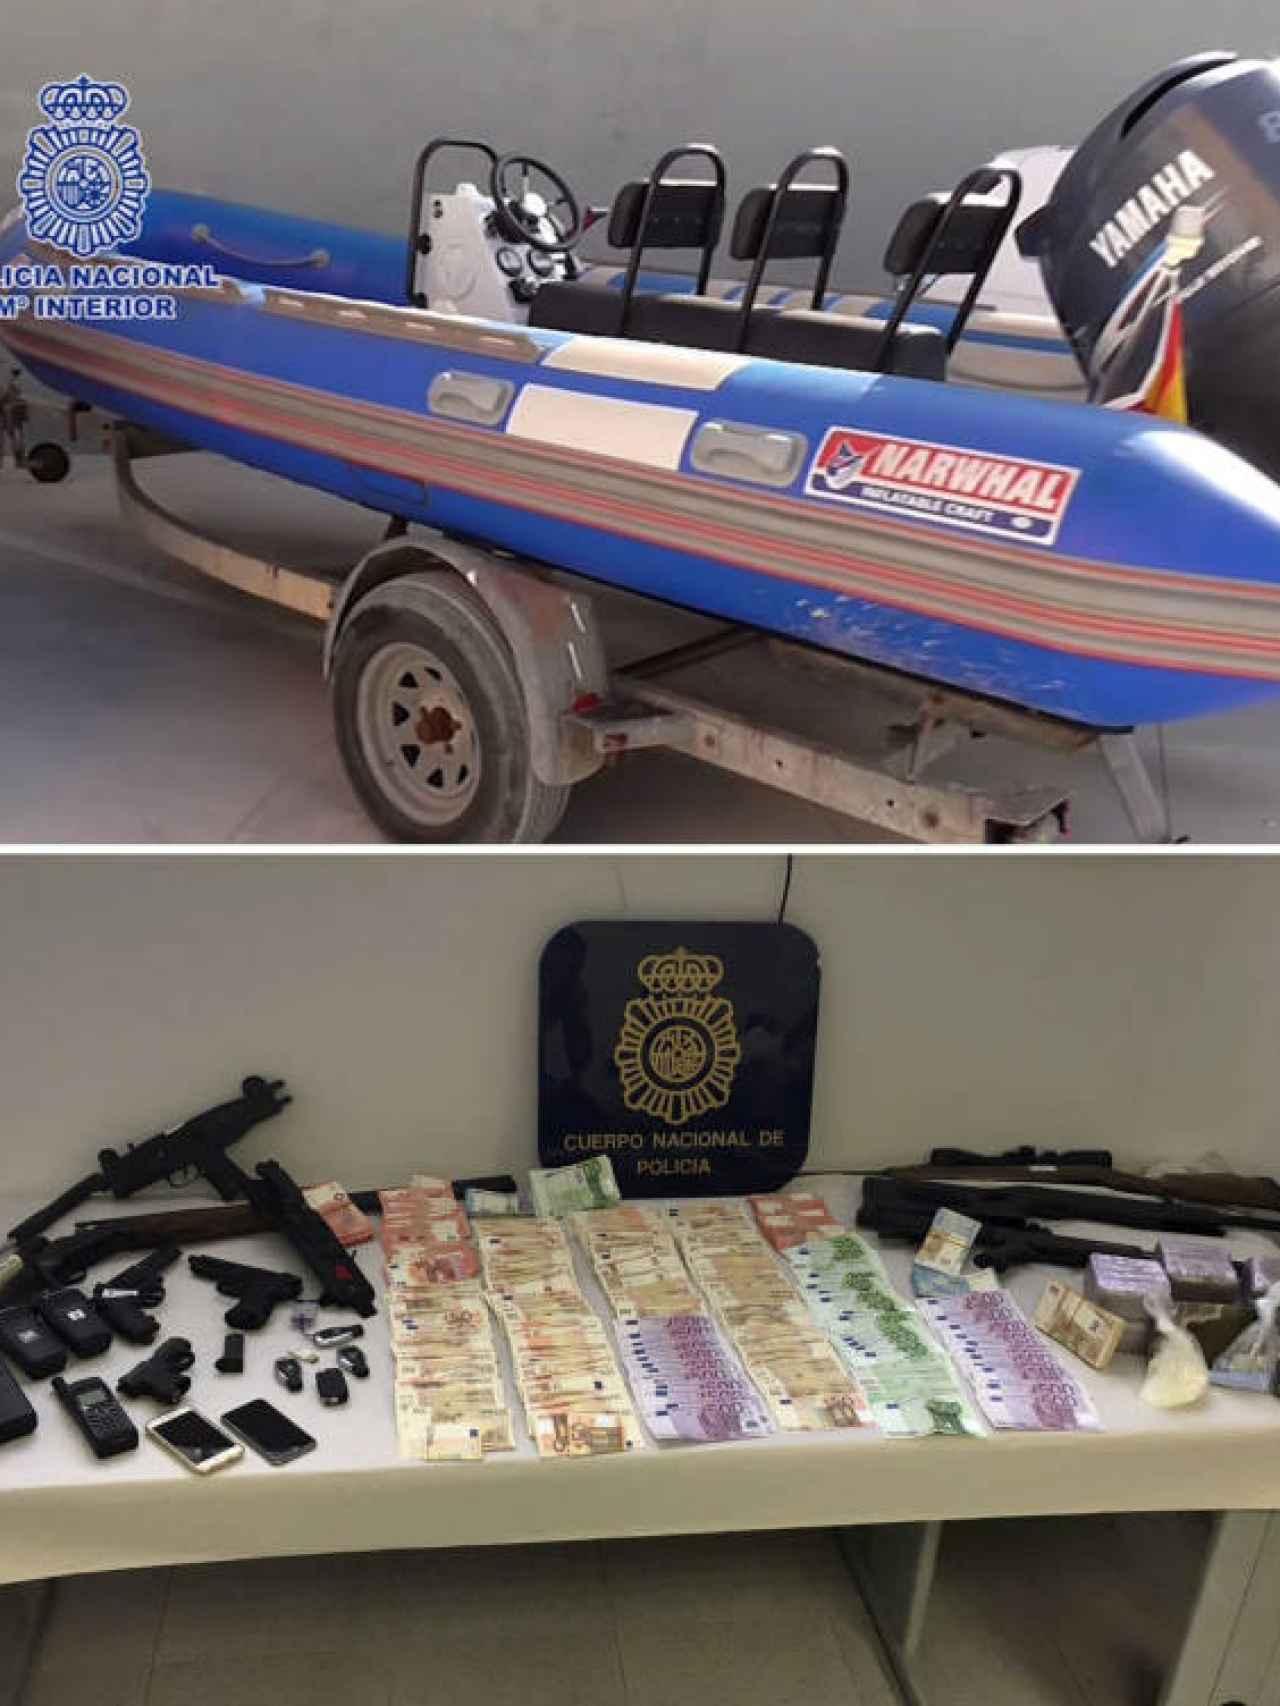 La Policía ha asestado un duro golpe a Los Castañitas, a los que les ha incautado lanchas, coches de alta gama, 352.000 euros en metálico y numerosas armas.